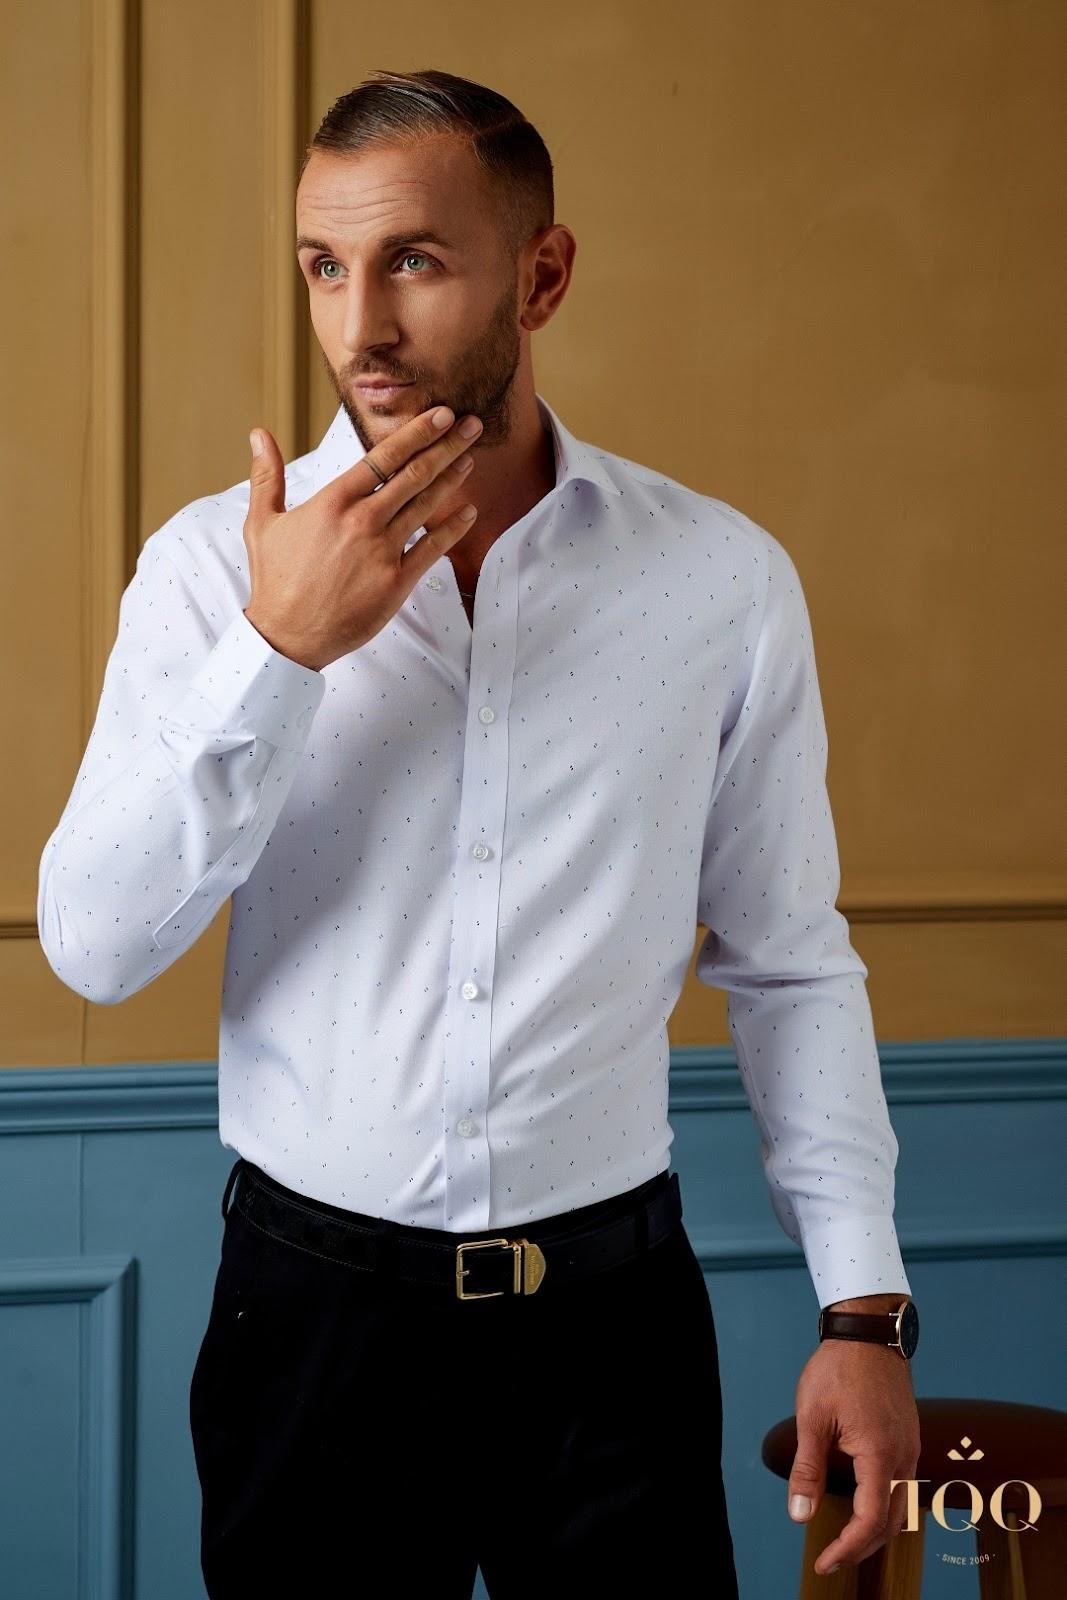 Mẫu áo sơ mi nam trắng họa tiết của TQQ chưa bao giờ hết HOT